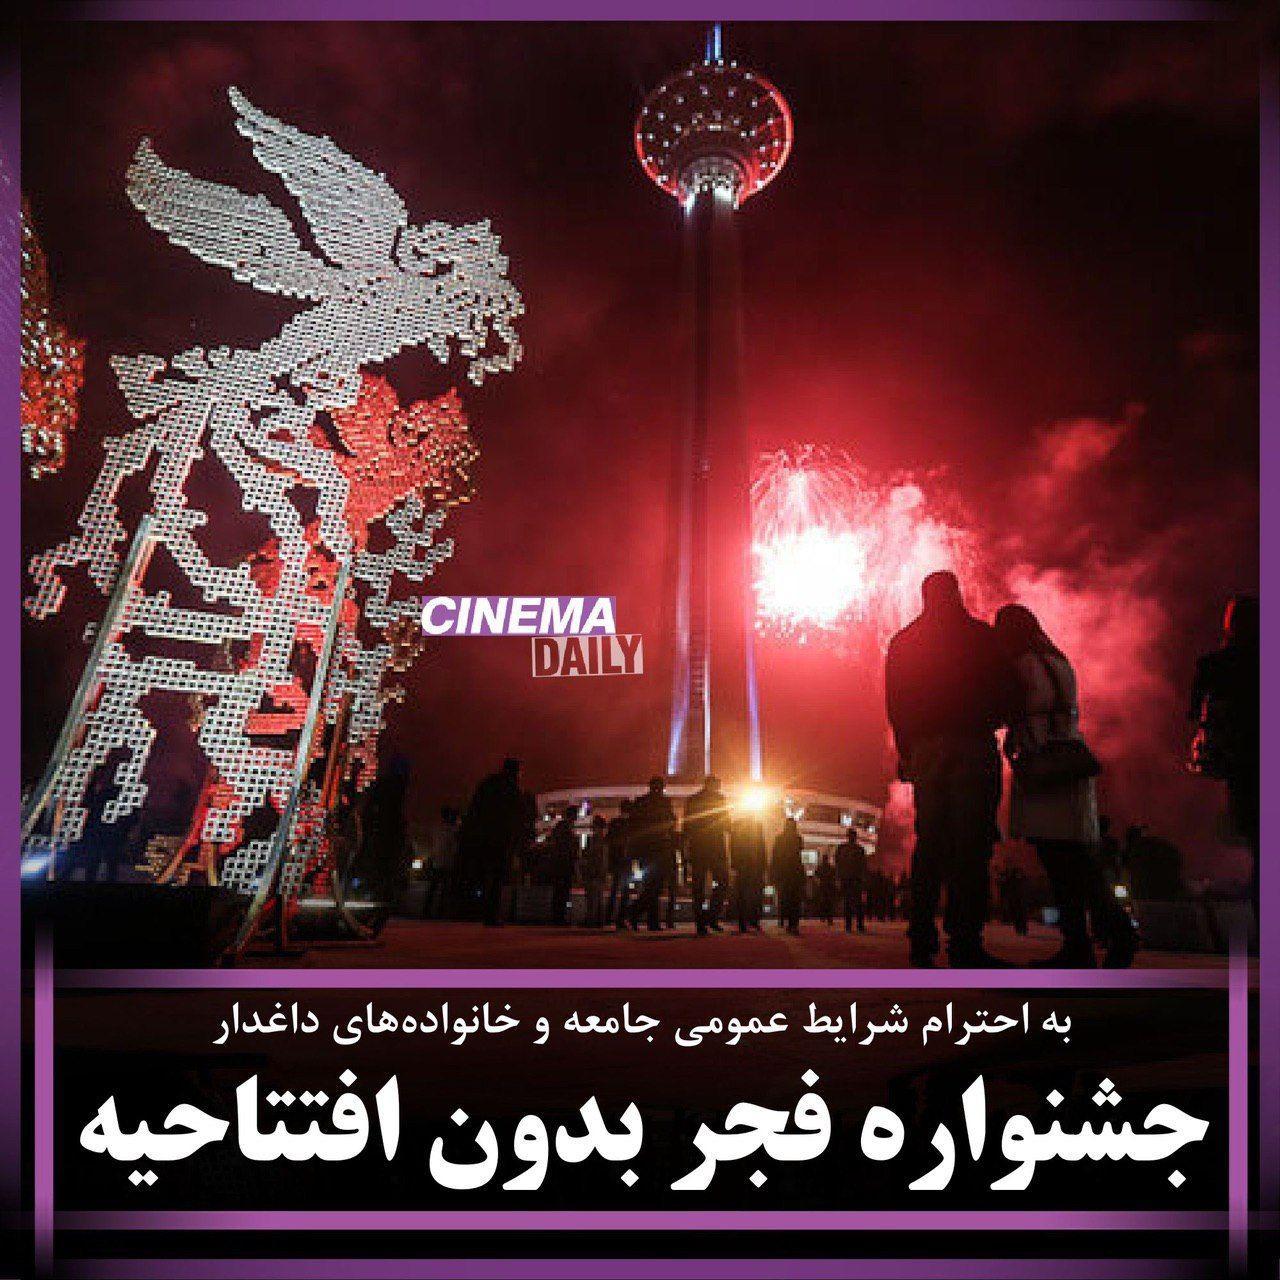 جشنواره فجر افتتاحیه ندارد/ تصمیمی به احترام خانوادههای داغدار و شرایط عمومی جامعه